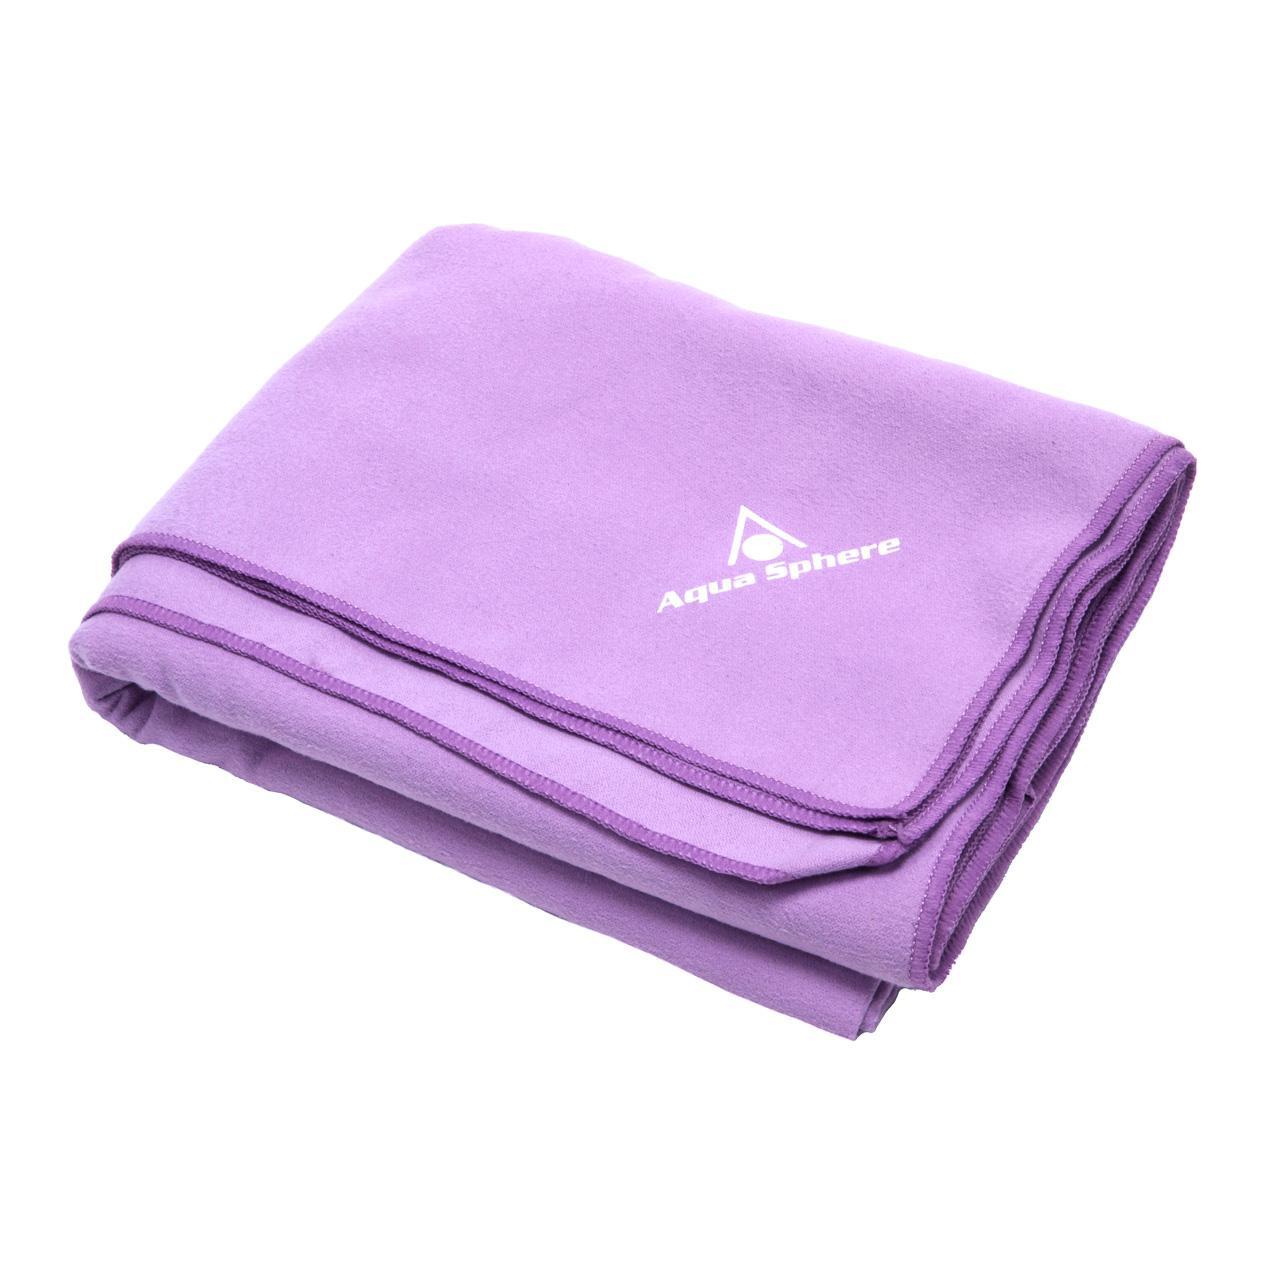 serviette de bain drap de plage aqua sphere kingsize magic towell vlt violet 726 ebay. Black Bedroom Furniture Sets. Home Design Ideas